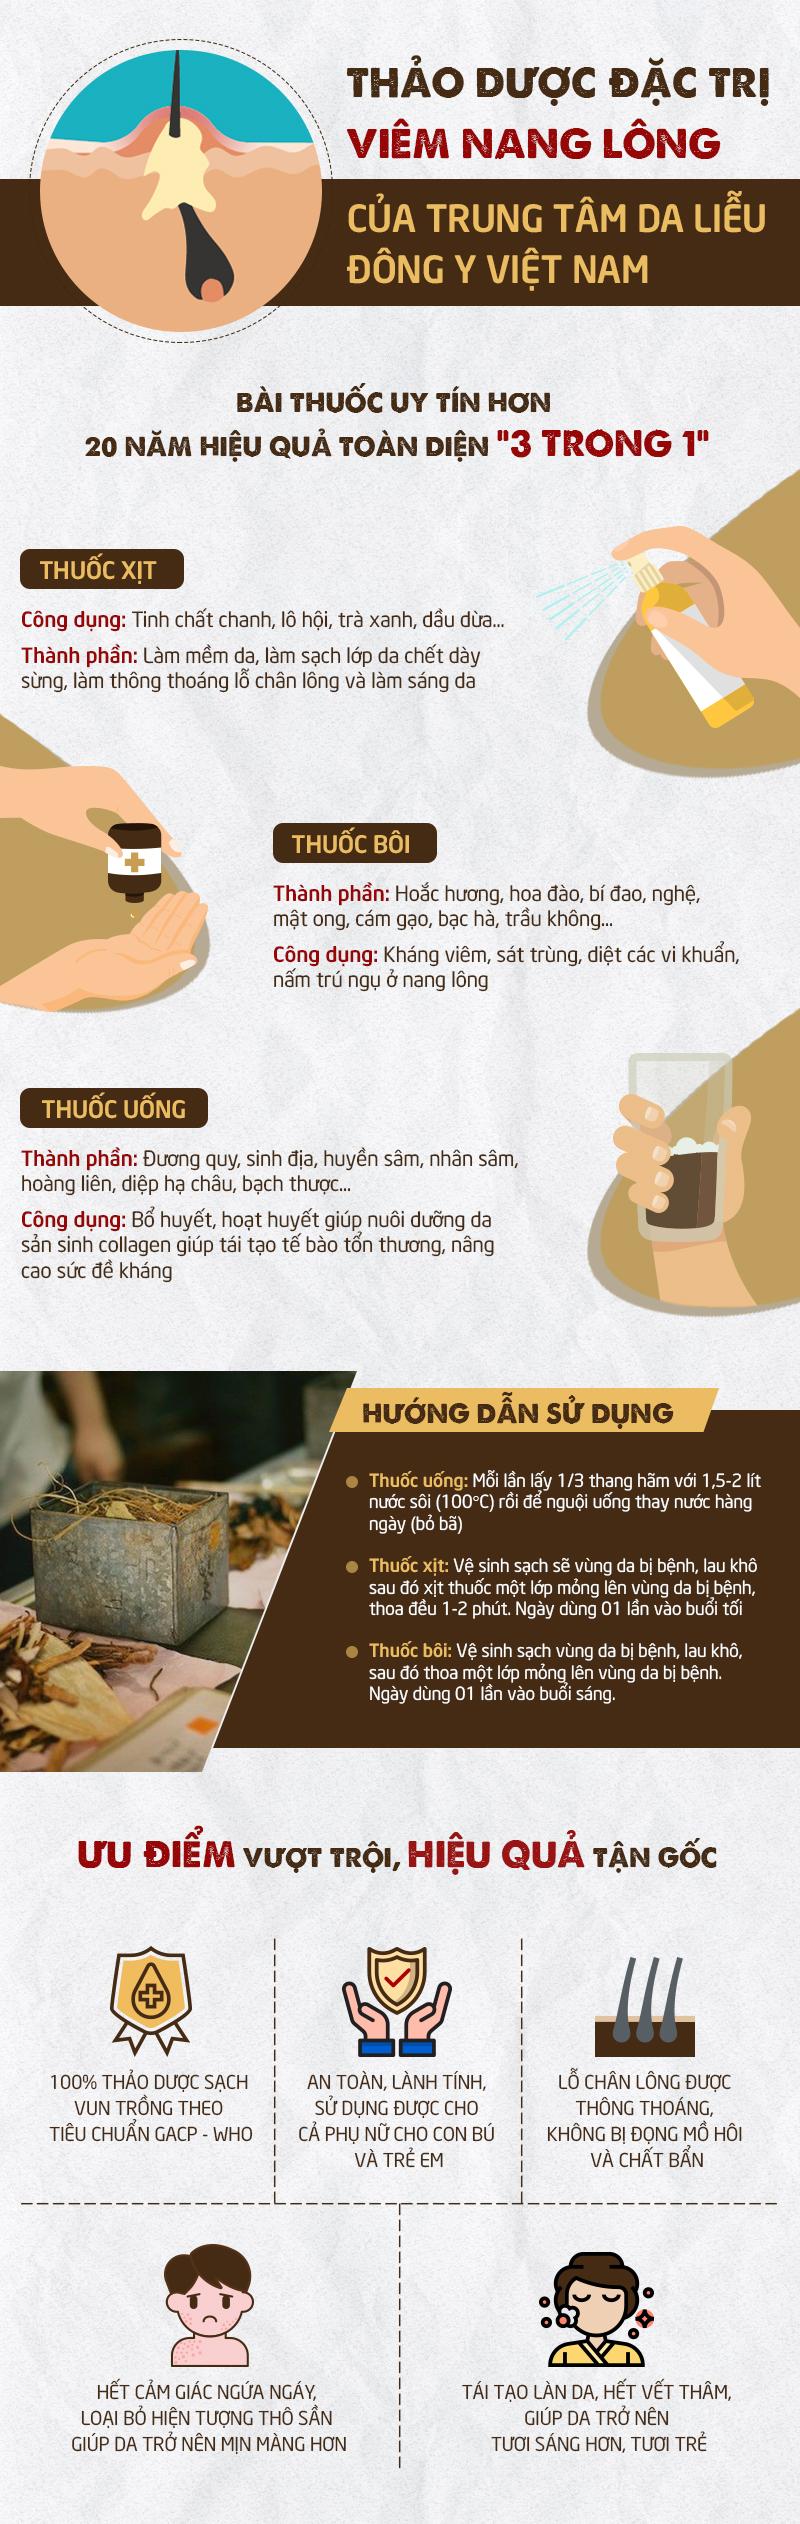 Bài thuốc trị viêm lỗ chân lông của Trung tâm Da liễu Đông y Việt Nam